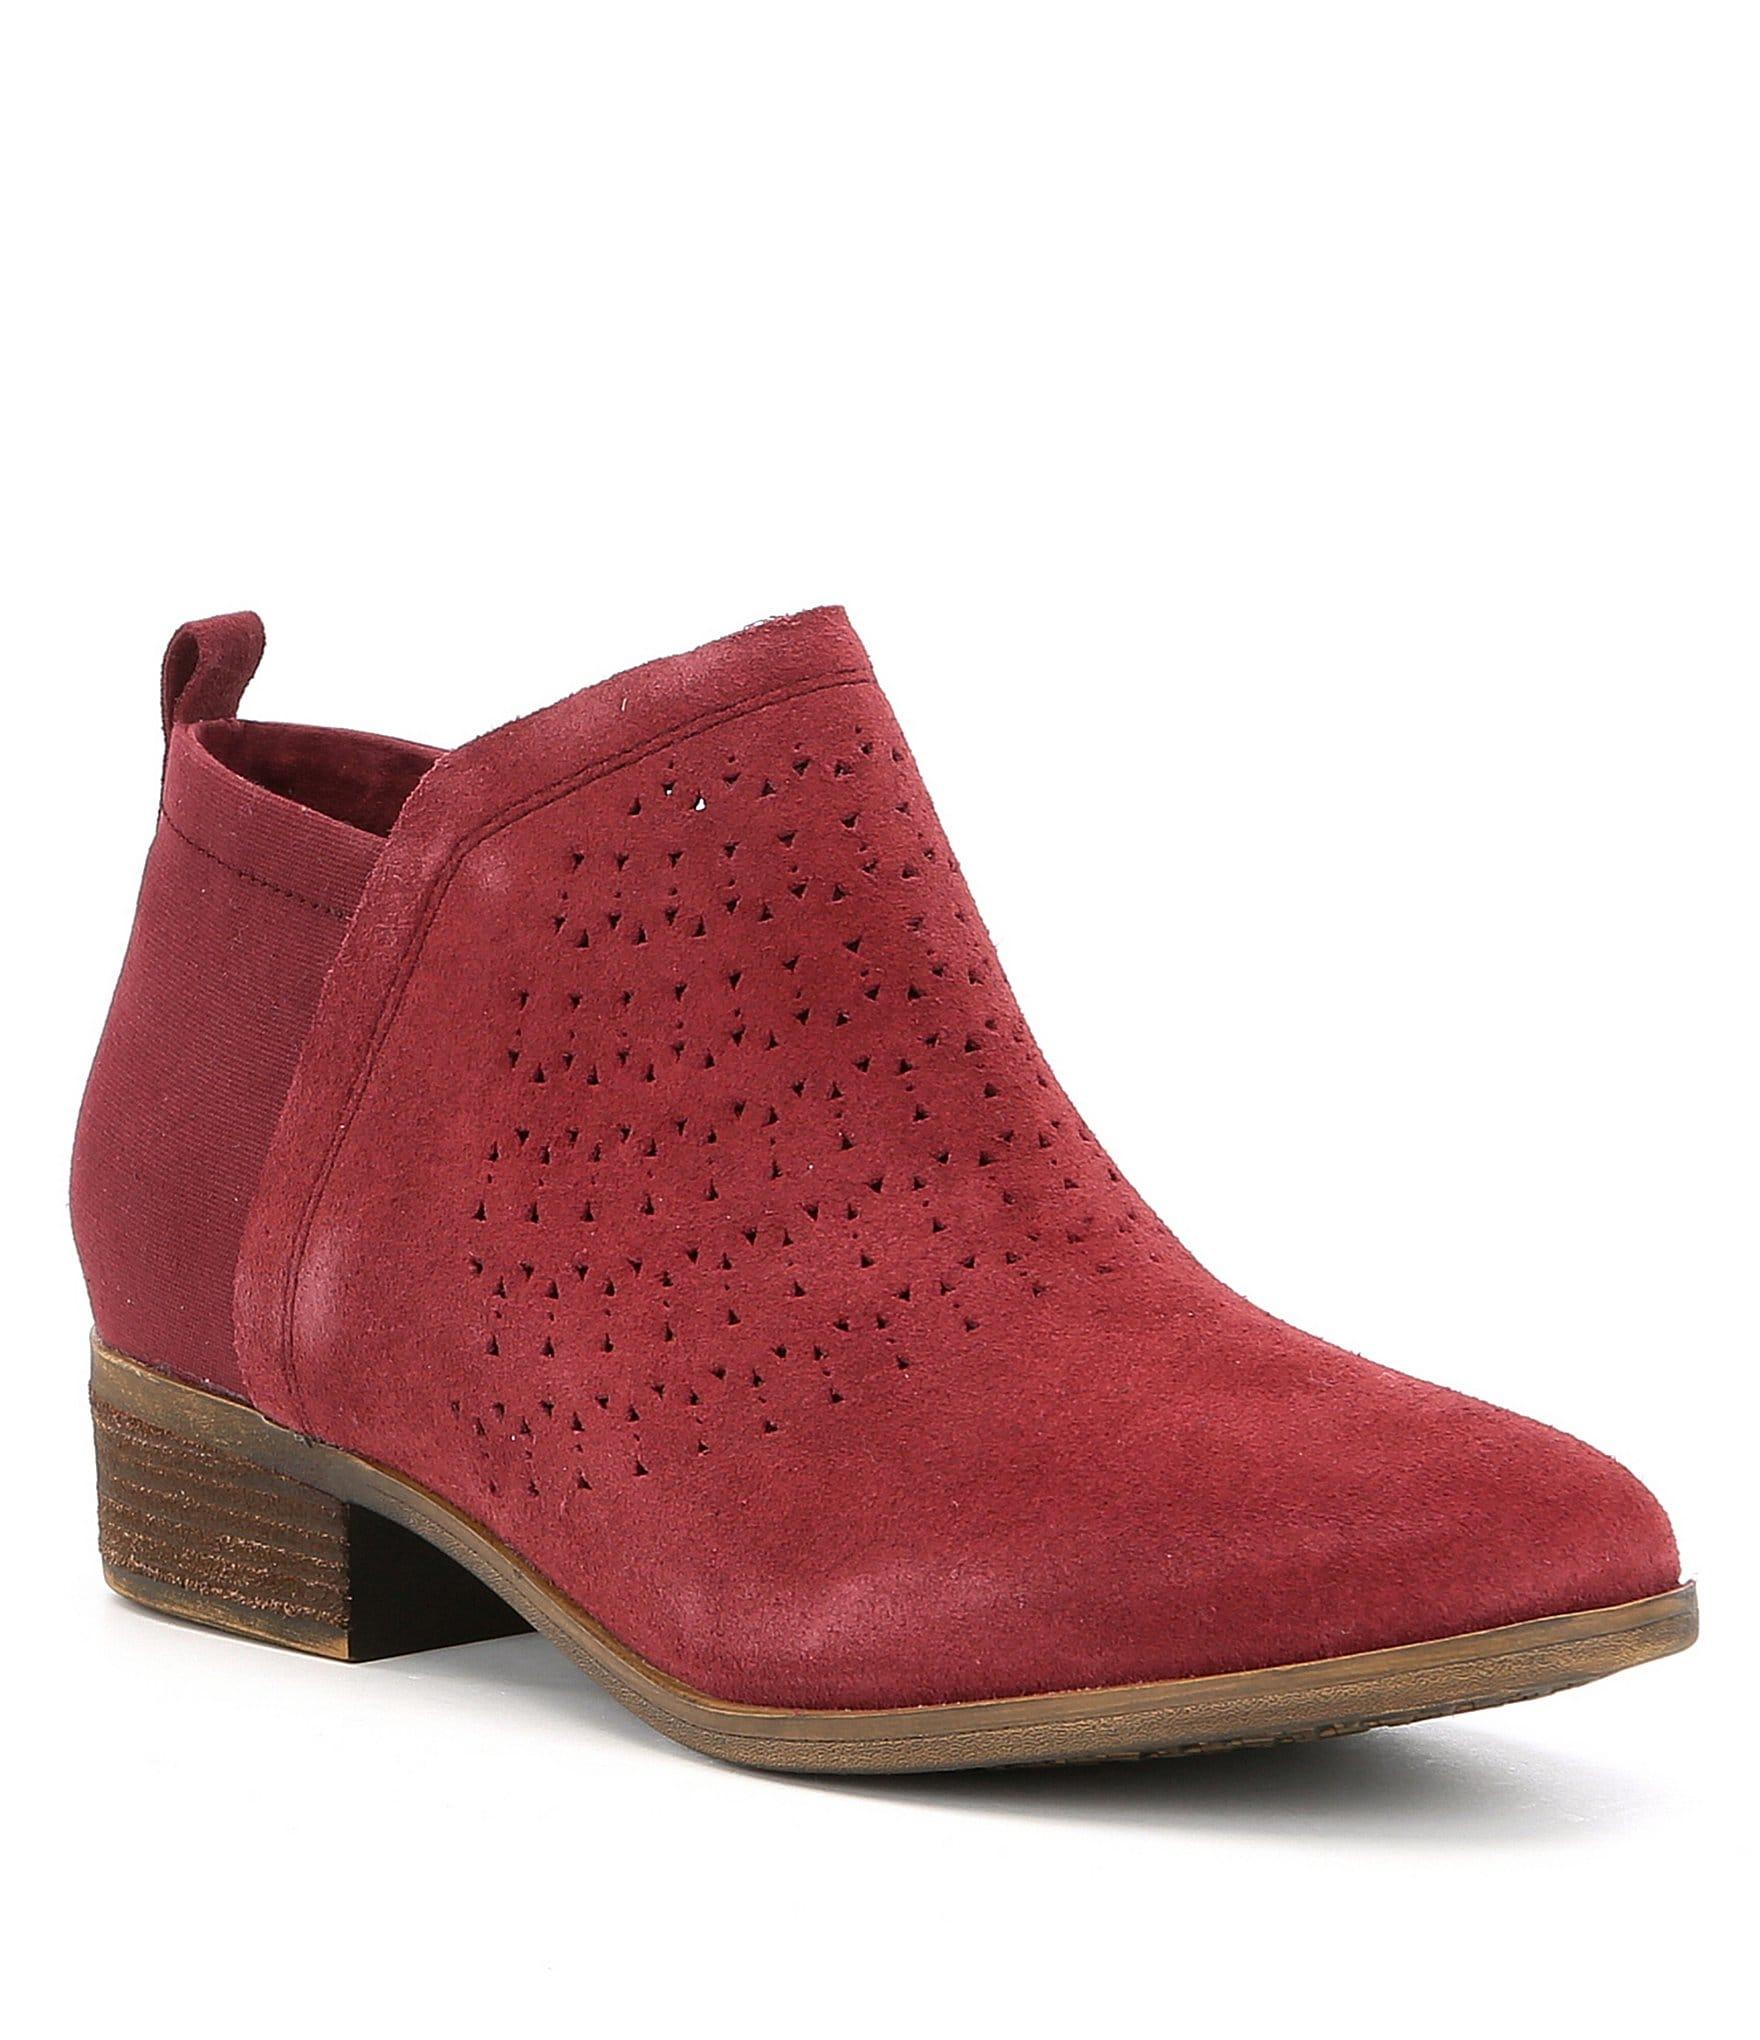 Women's Boots & Booties | Dillards